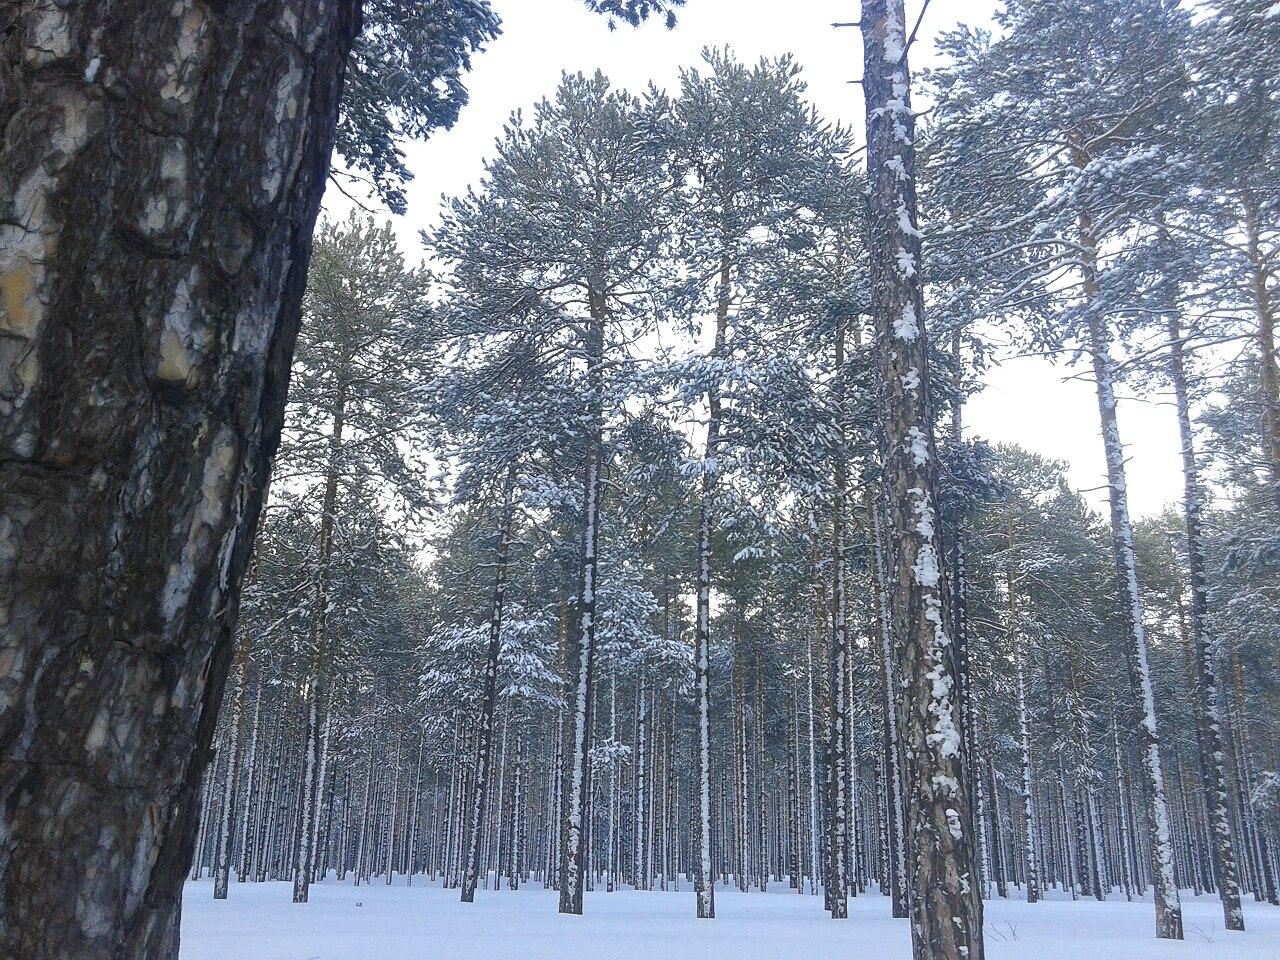 Федоровский, Ханты-Мансийский Автономный округ, фото